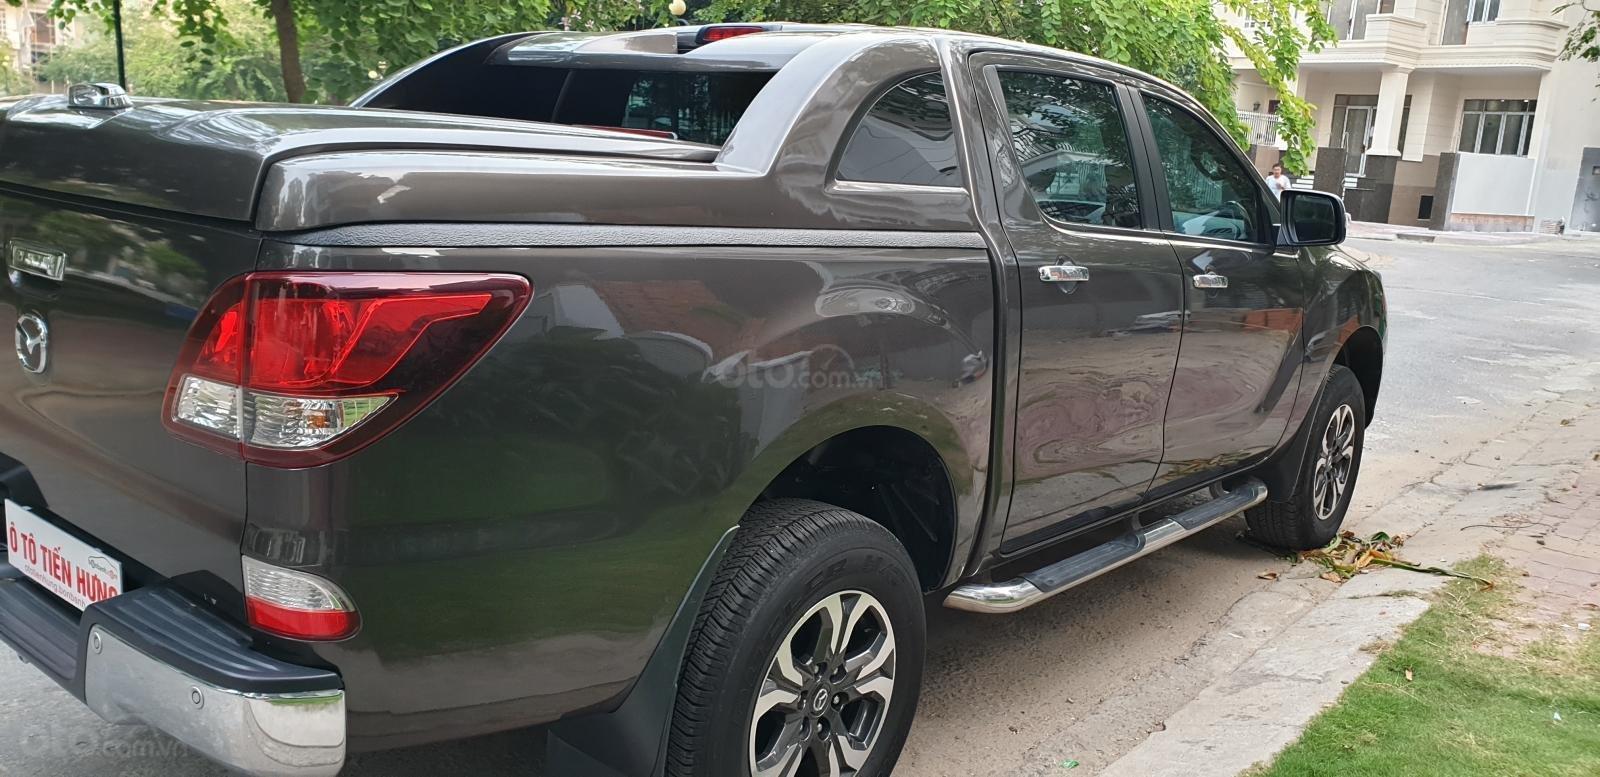 Bán Mazda BT 50 máy dầu, 2.2 số tự động, model 2018 đời T10/2017, màu nâu, nhập khẩu mới 95%-4